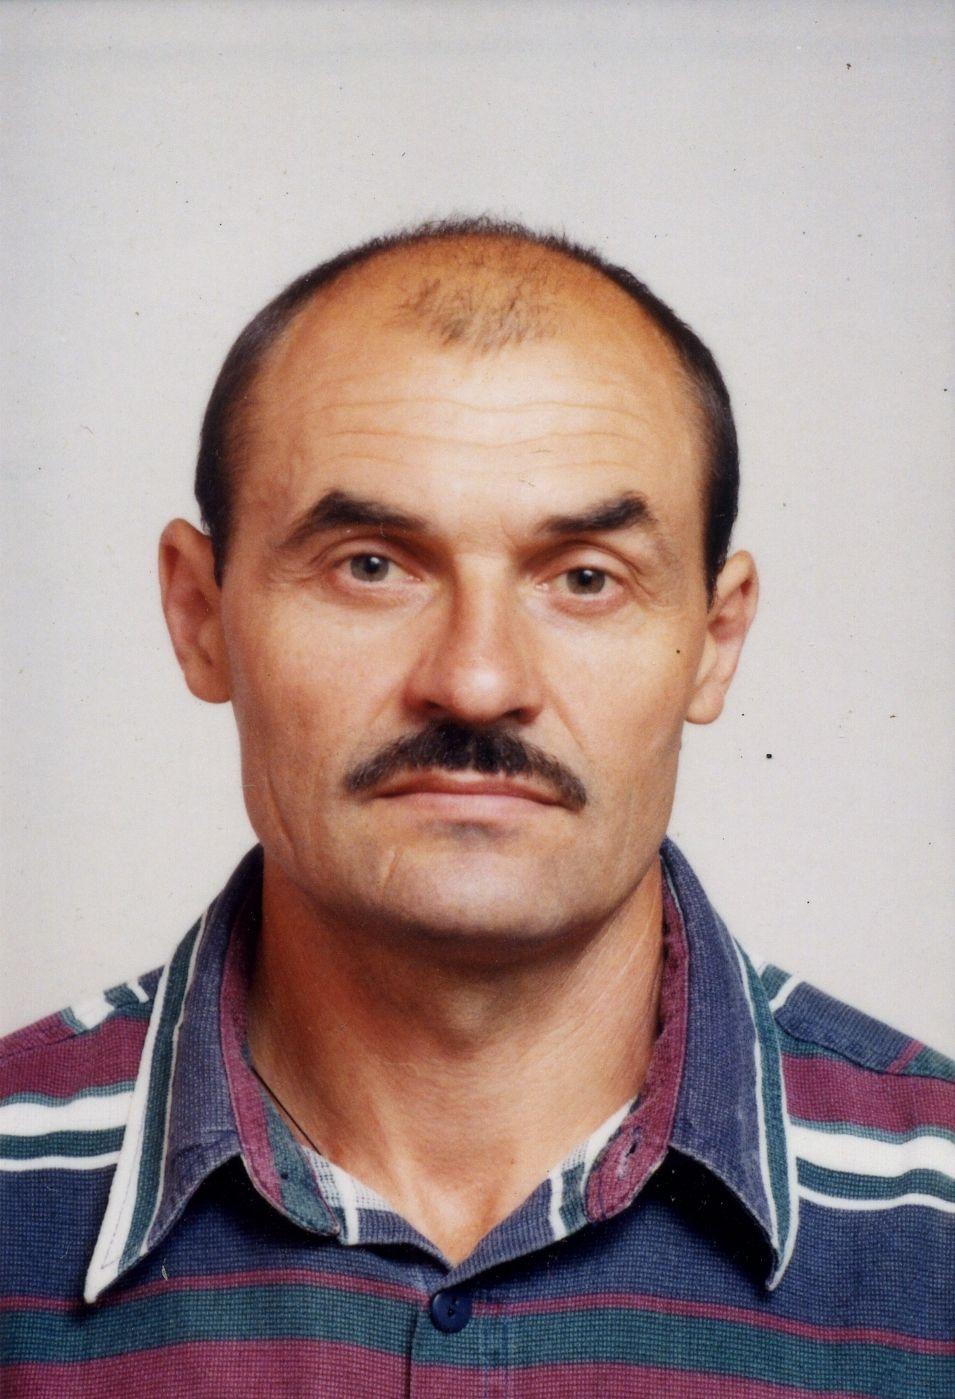 Vasyl Perebyinis